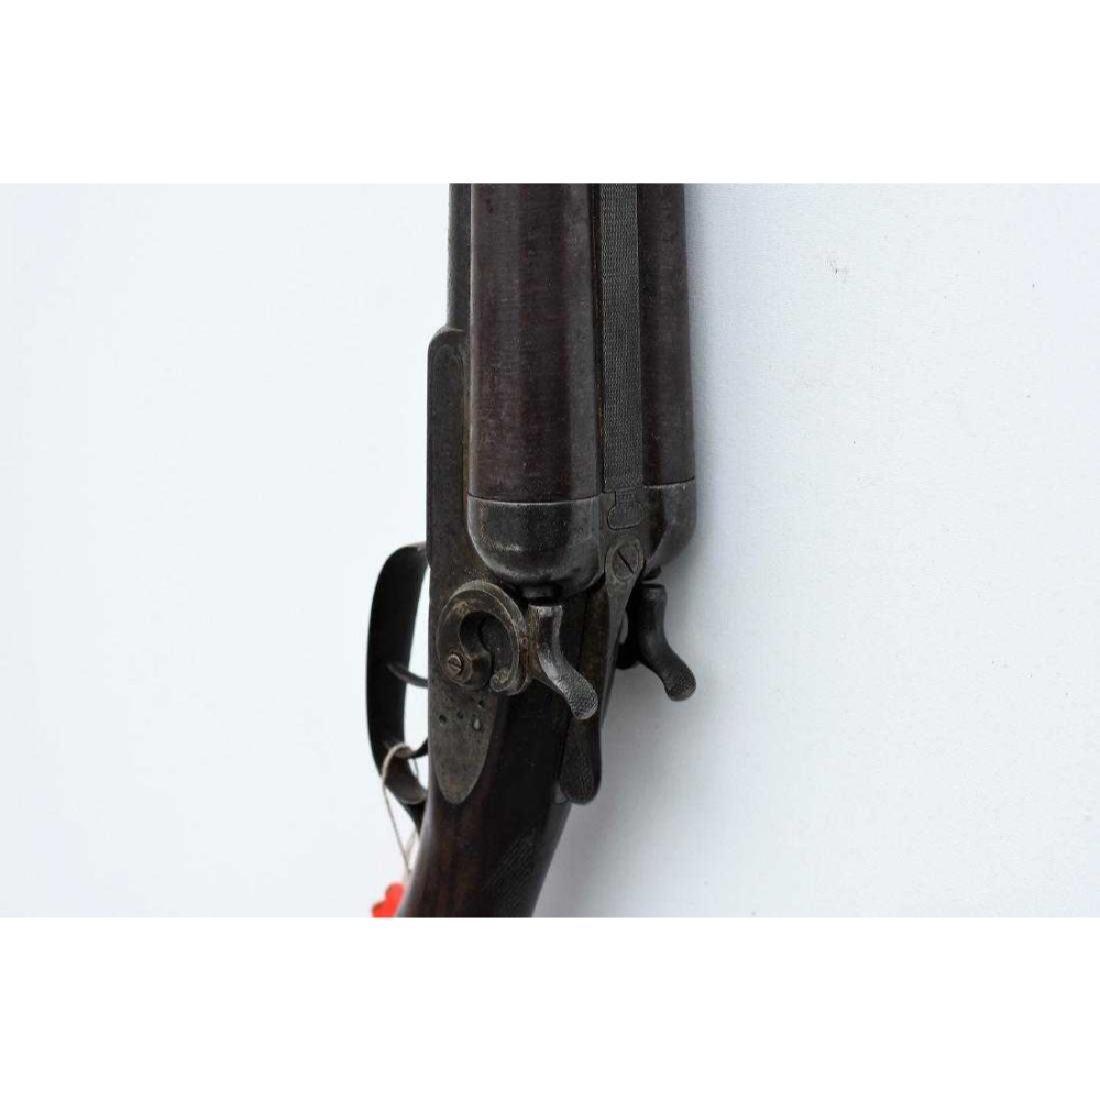 Remington 10 Gauge 1889 Arms Co. Double Barrel - 3